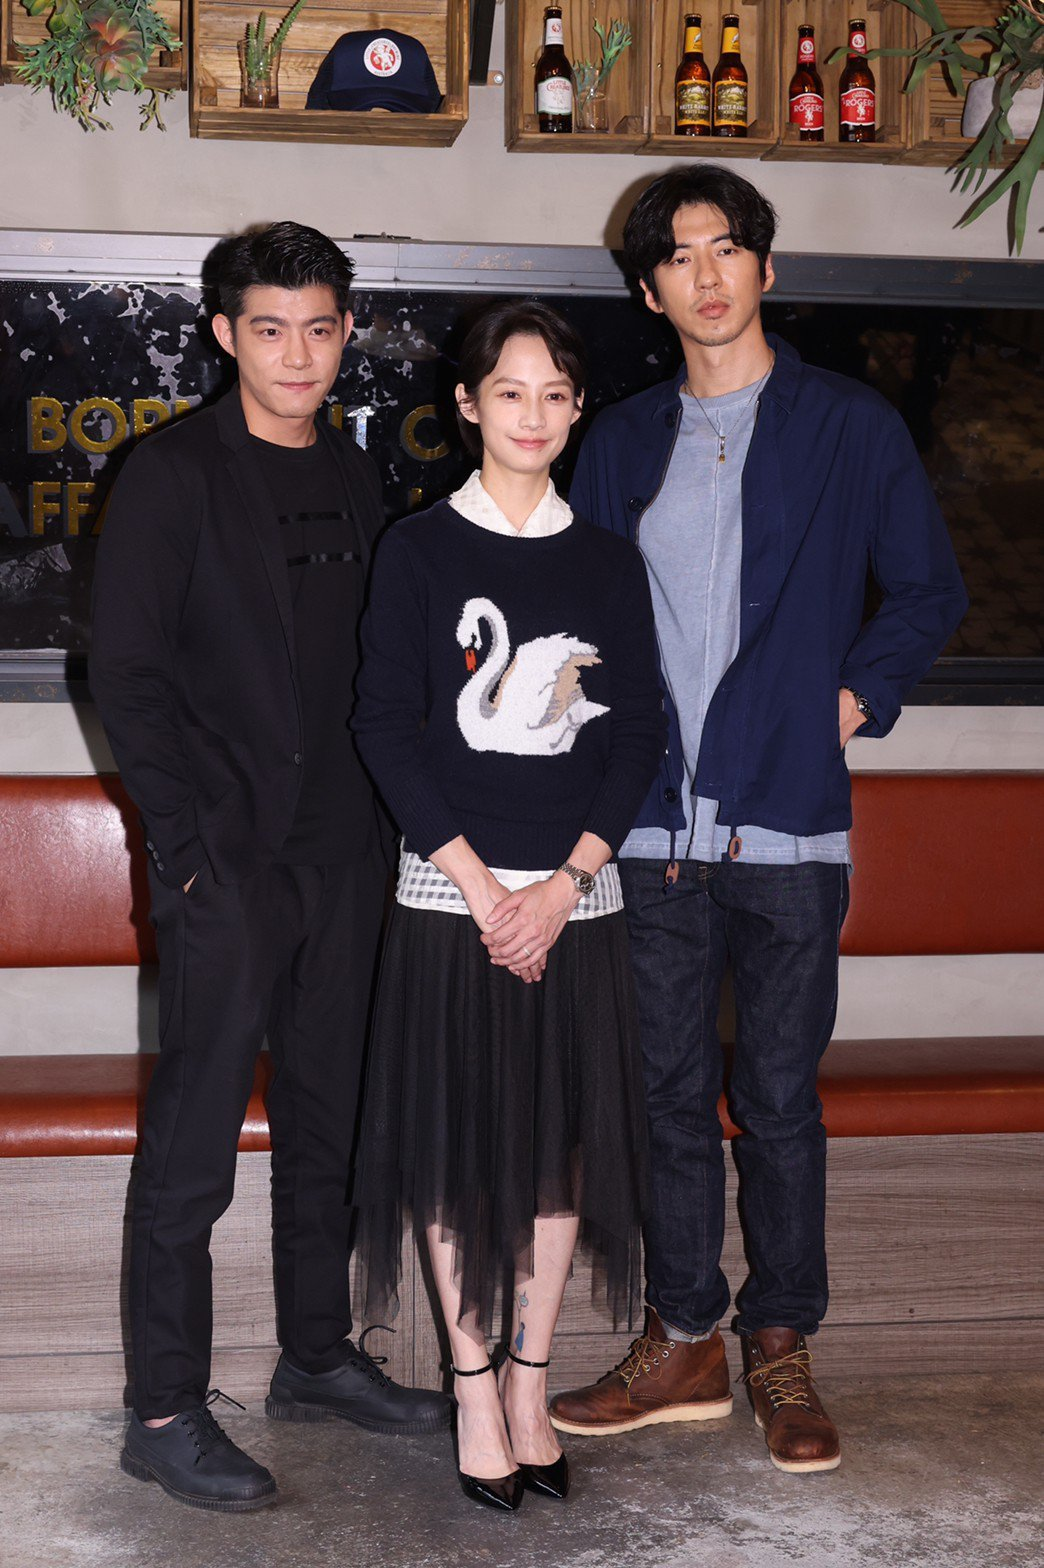 王柏傑(左起)、簡嫚書、傅孟柏出席新影集「美食無間」卡司發表會。記者王聰賢/攝影